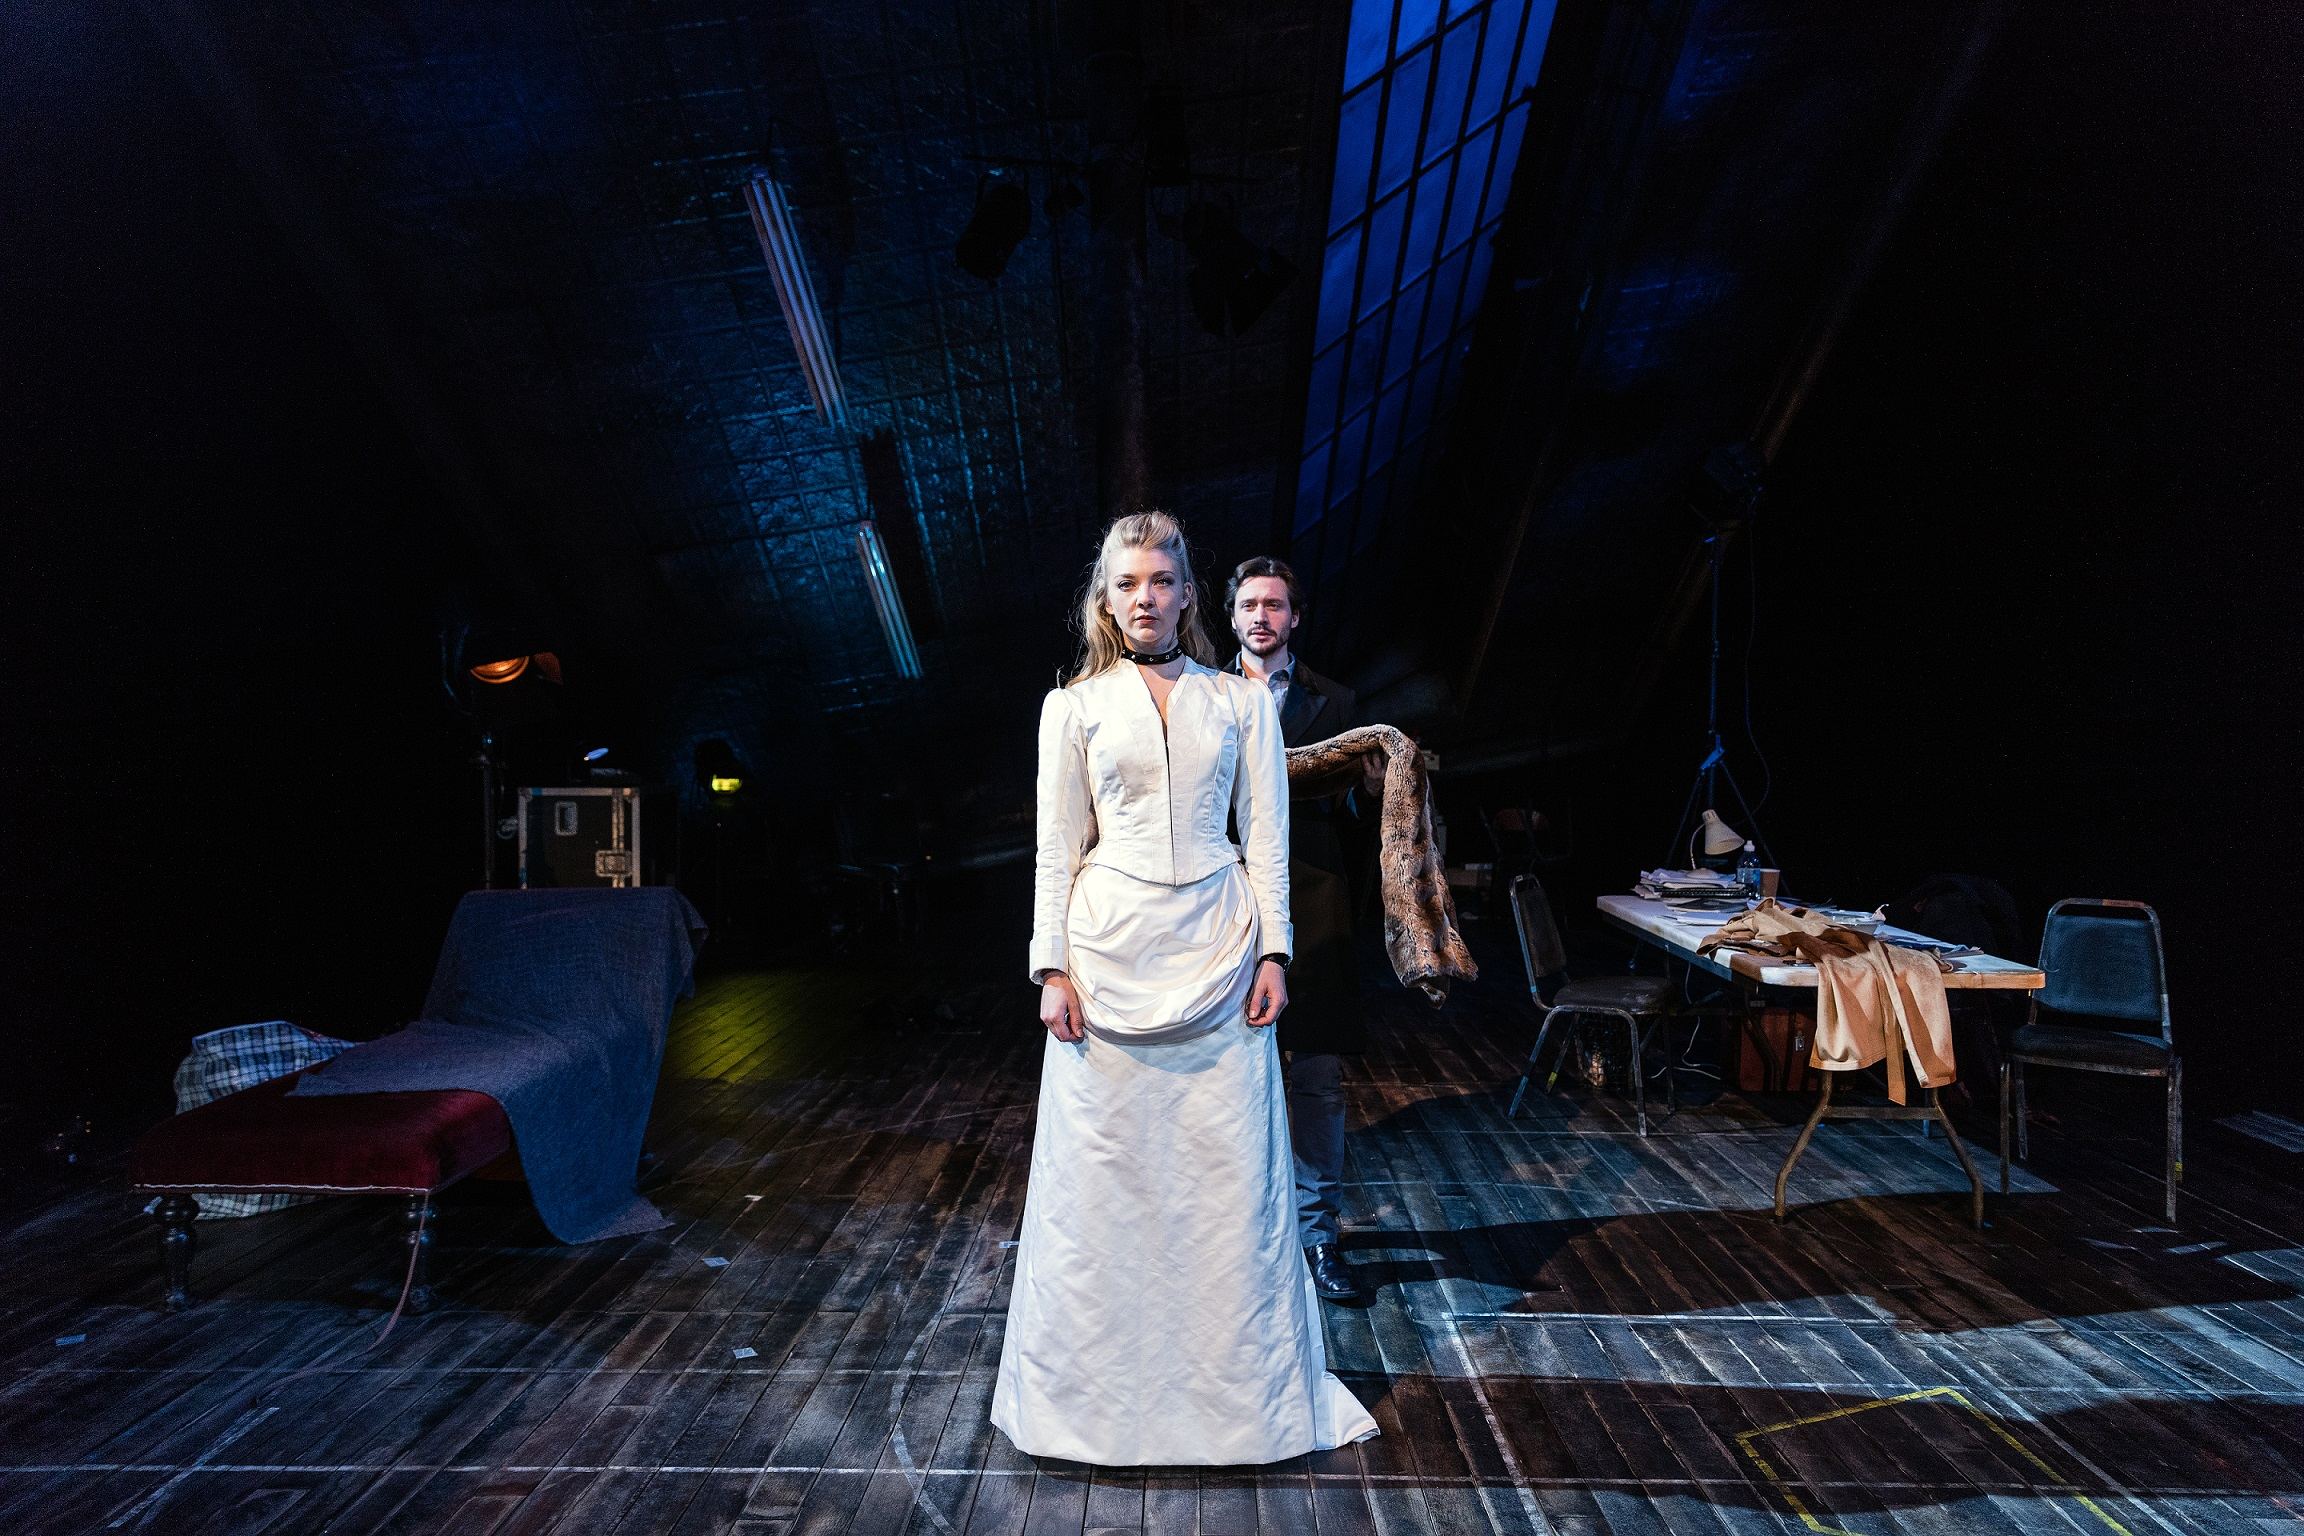 Natalie-Dormer-and-David-Oakes-in-Venus-in-Fur-at-Theatre-Royal-Haymarket.-Credit-Darren-Bell.jpg